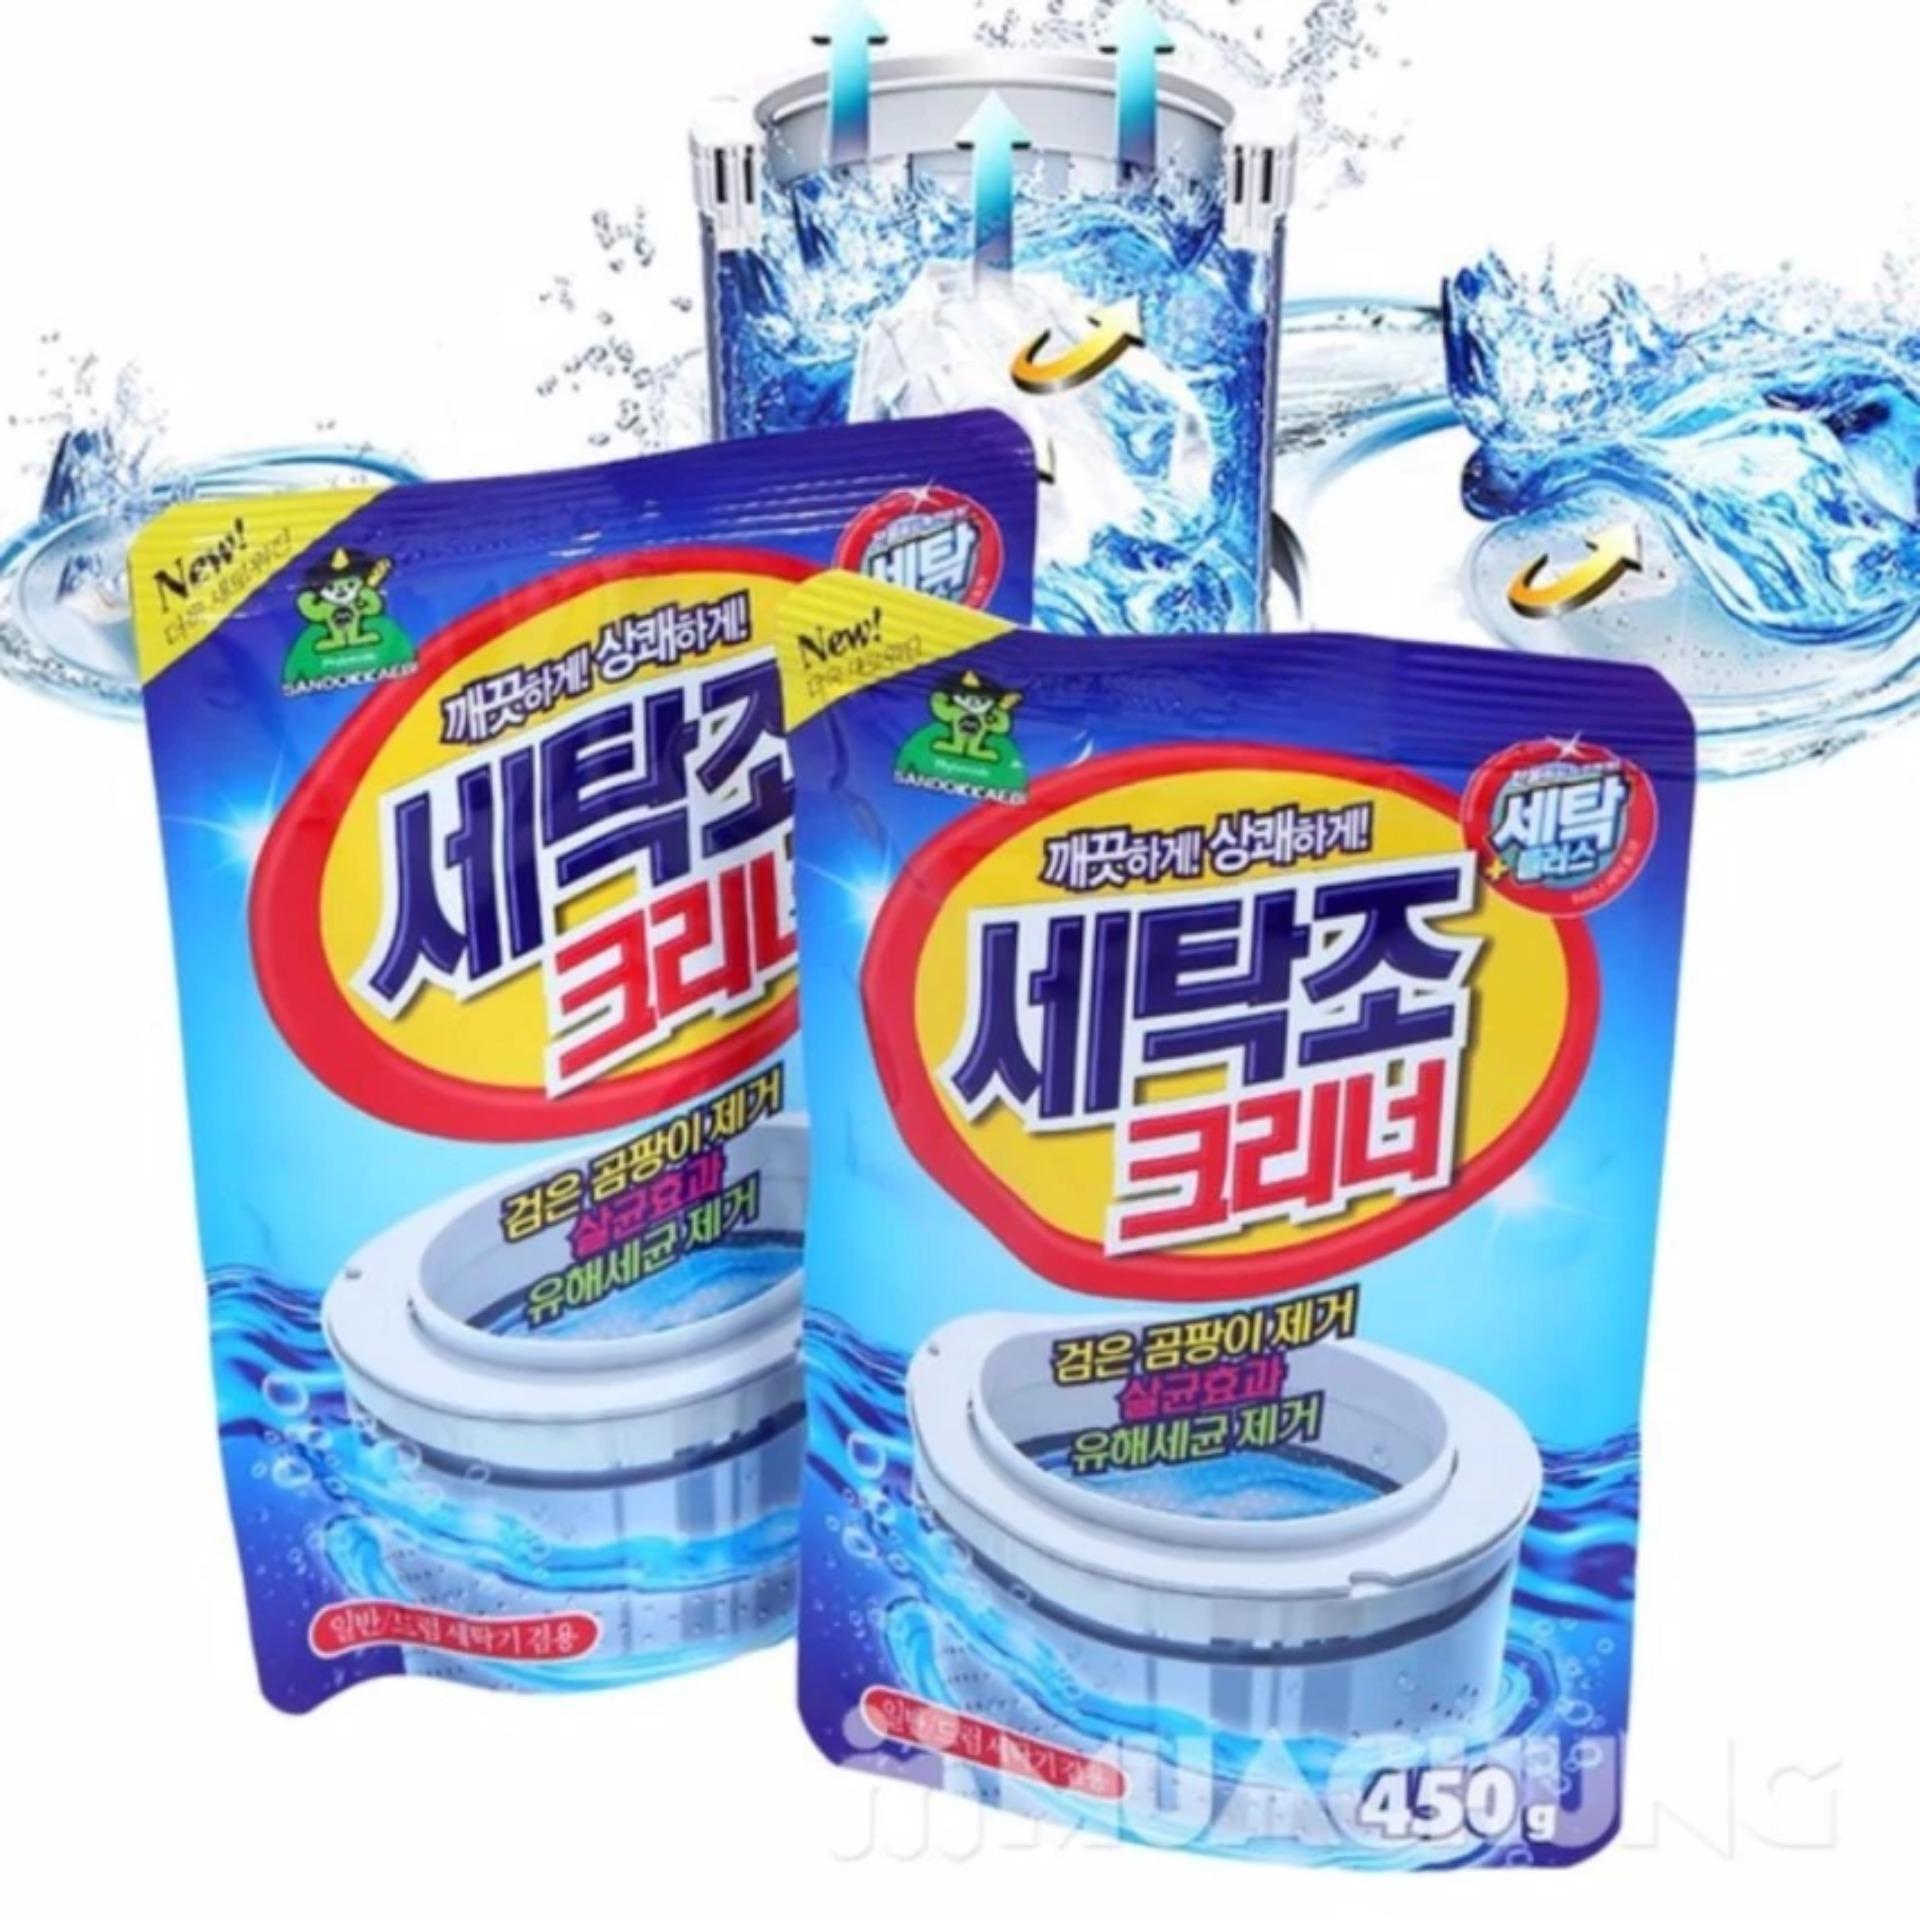 Túi tẩy lồng giặt Hàn Quốc